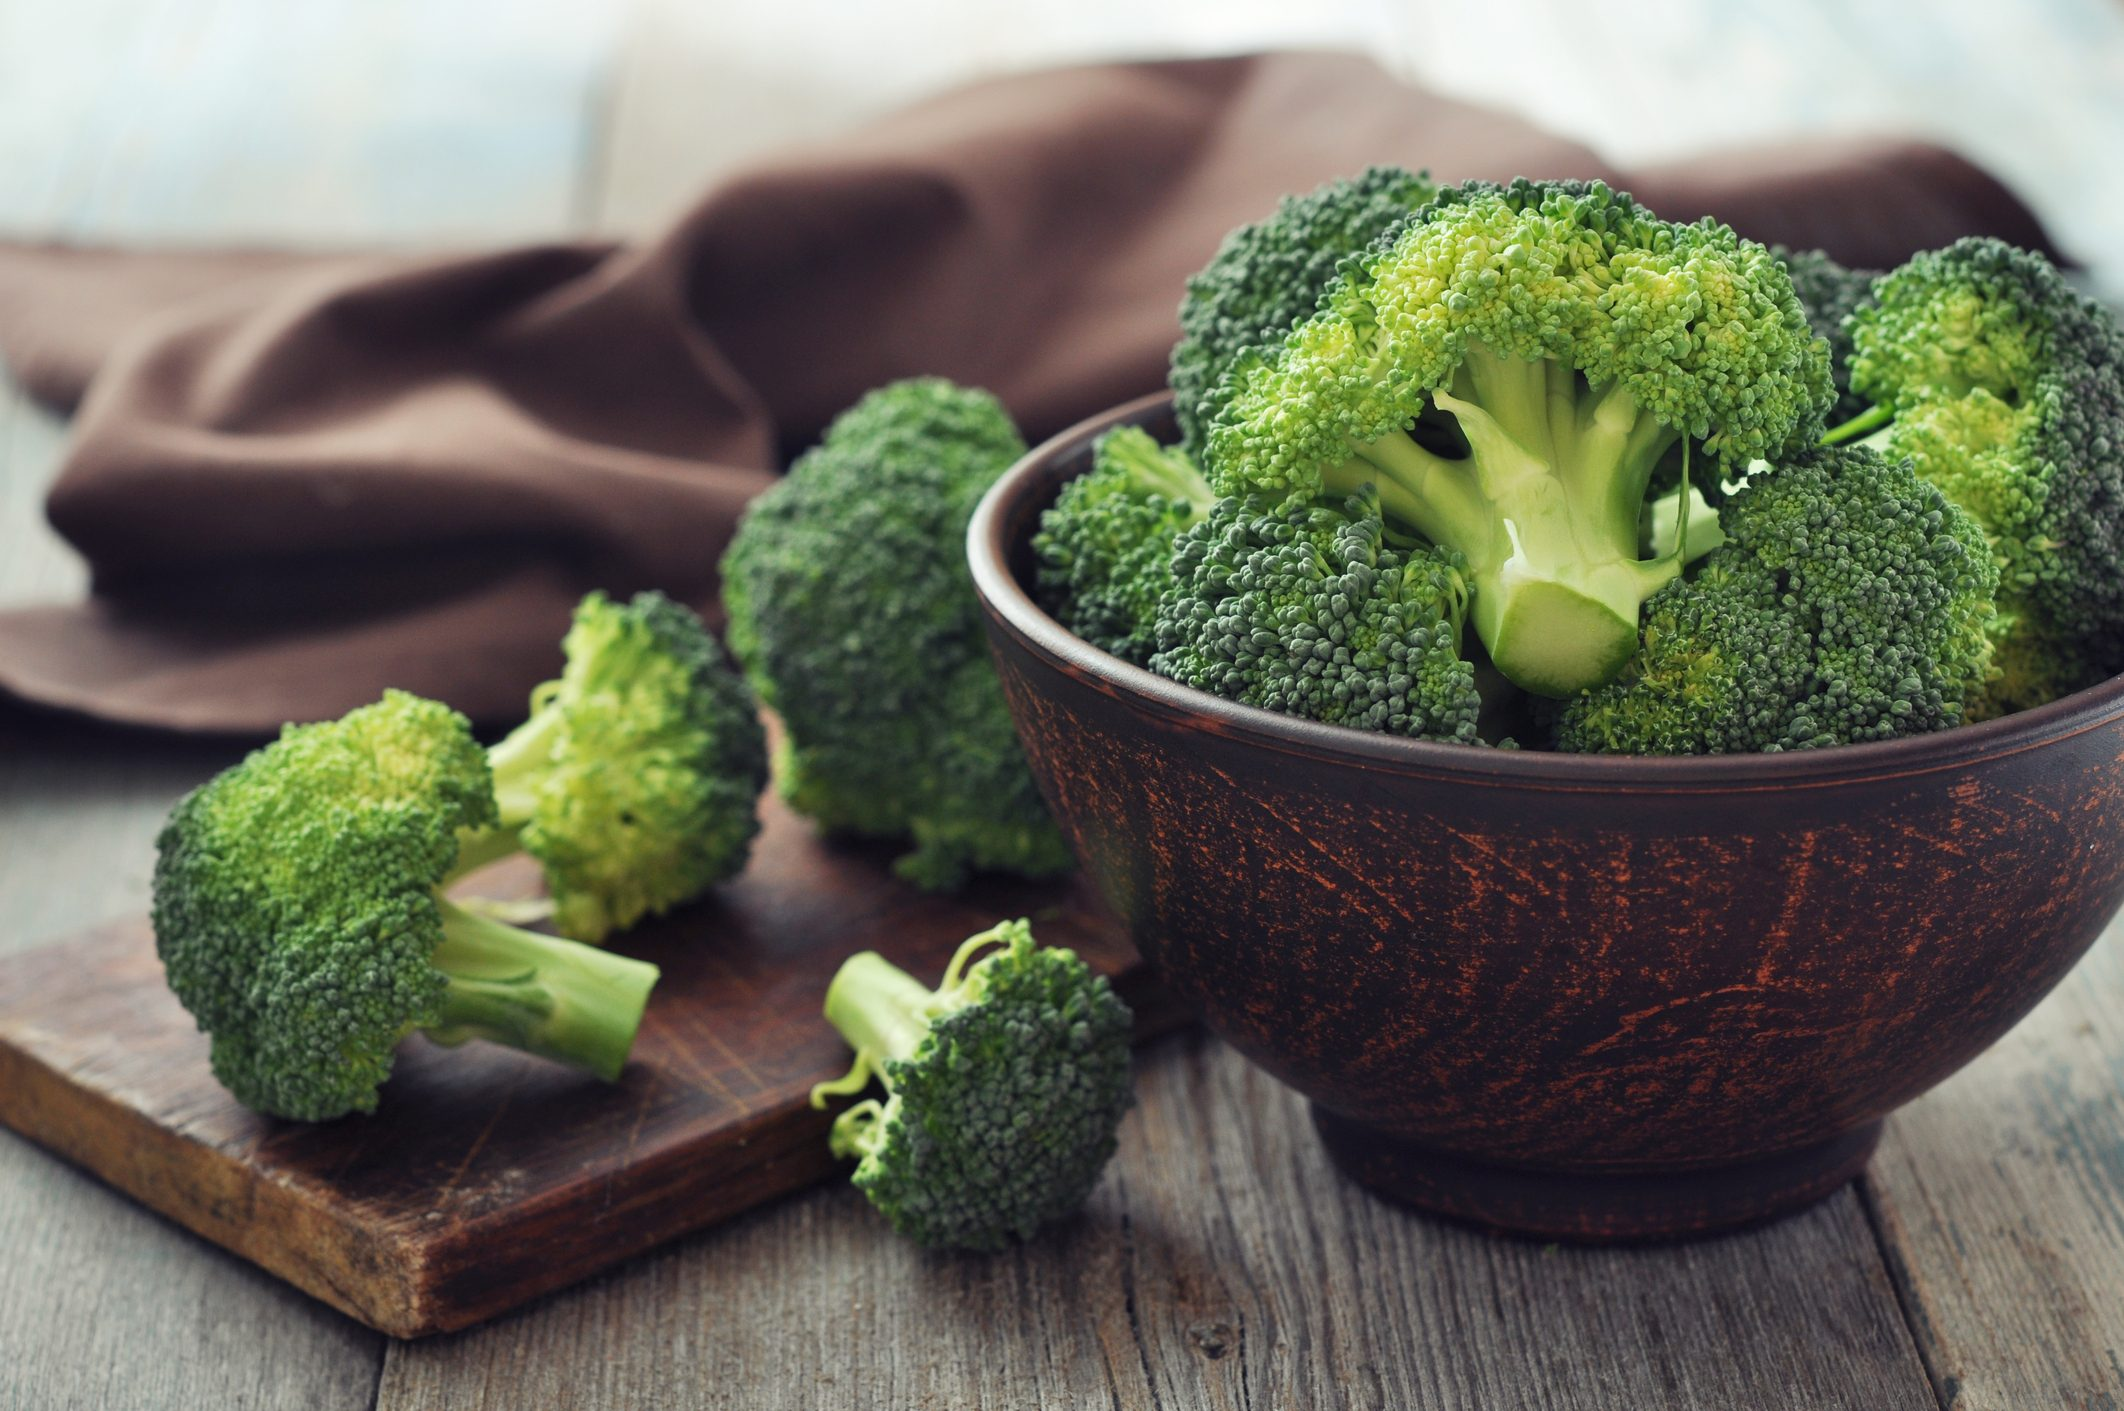 Un team di italiani ha scoperto una sostanza che blocca il Covid: si trova nei broccoli